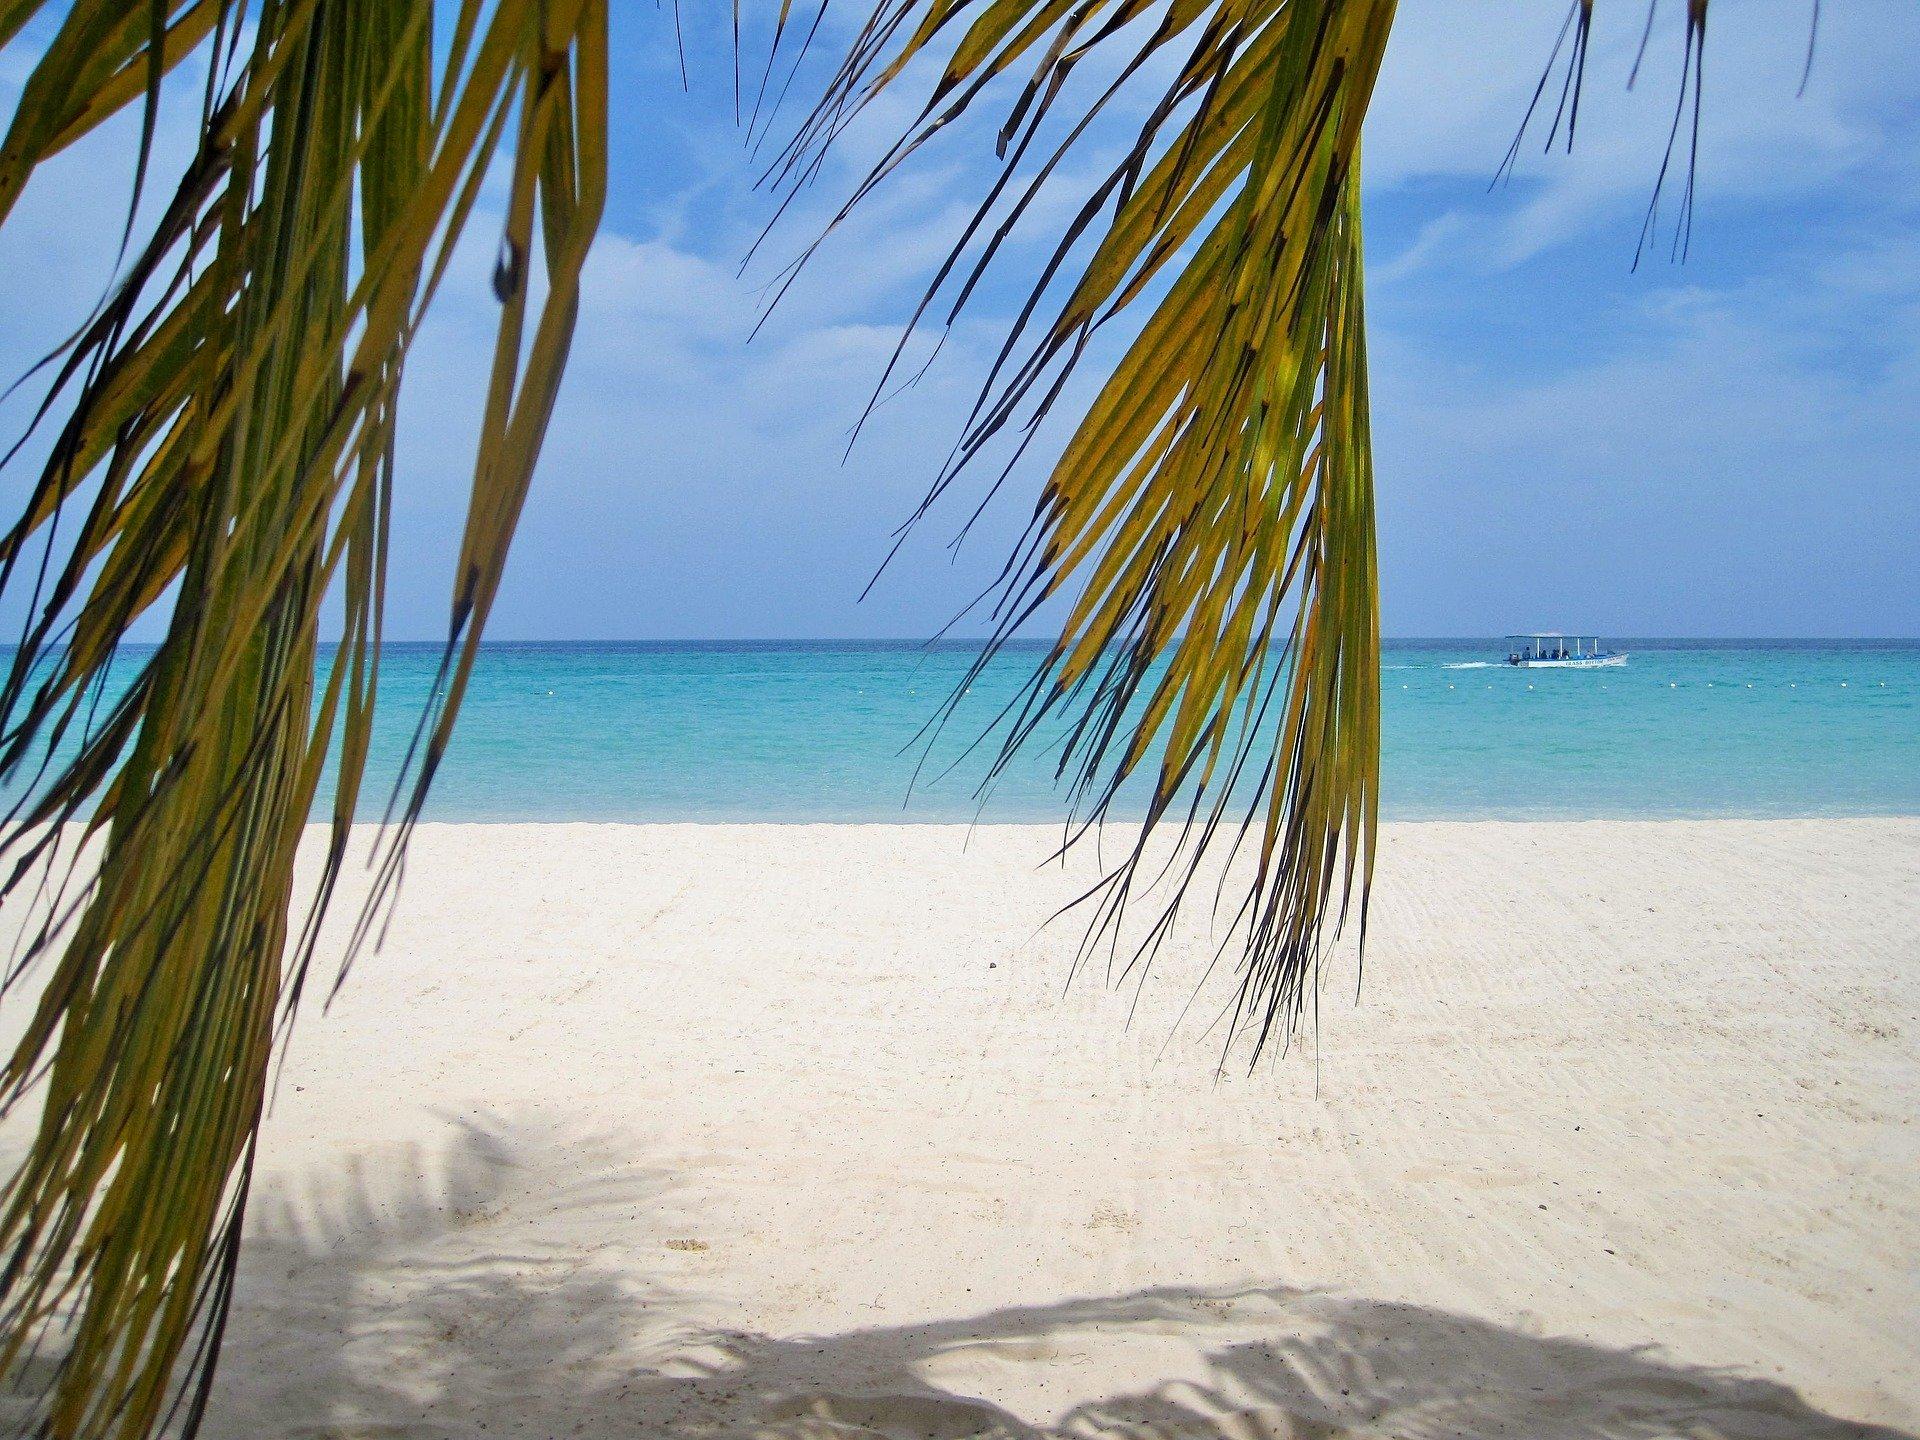 jamaica-1303889_1920